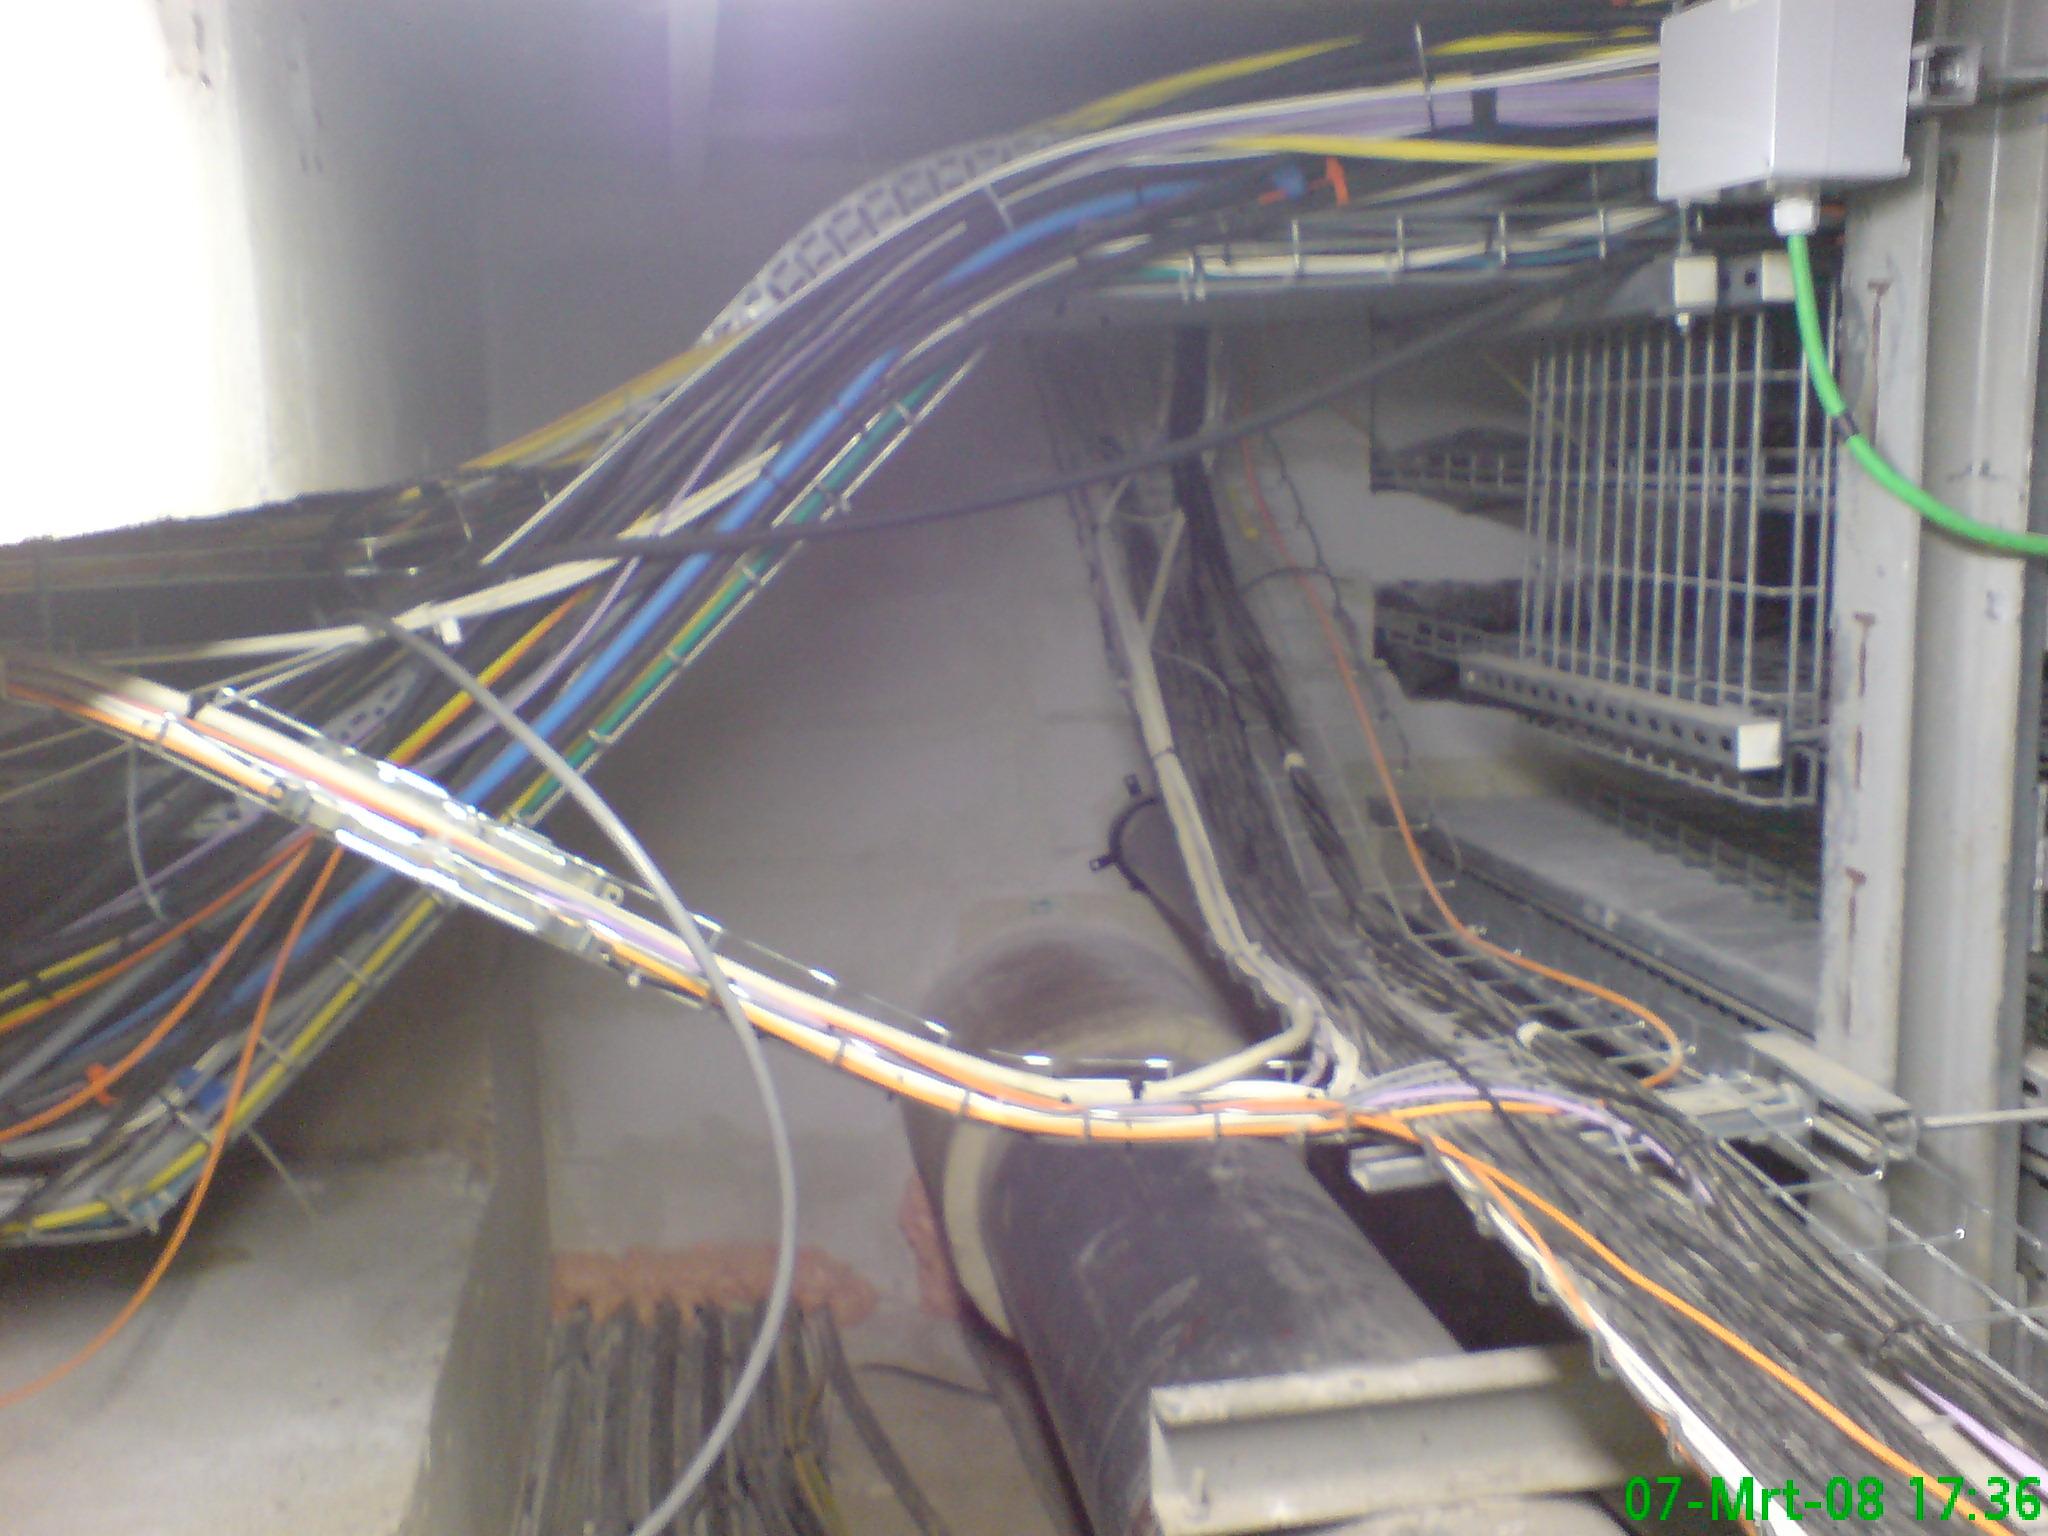 kruising kabels